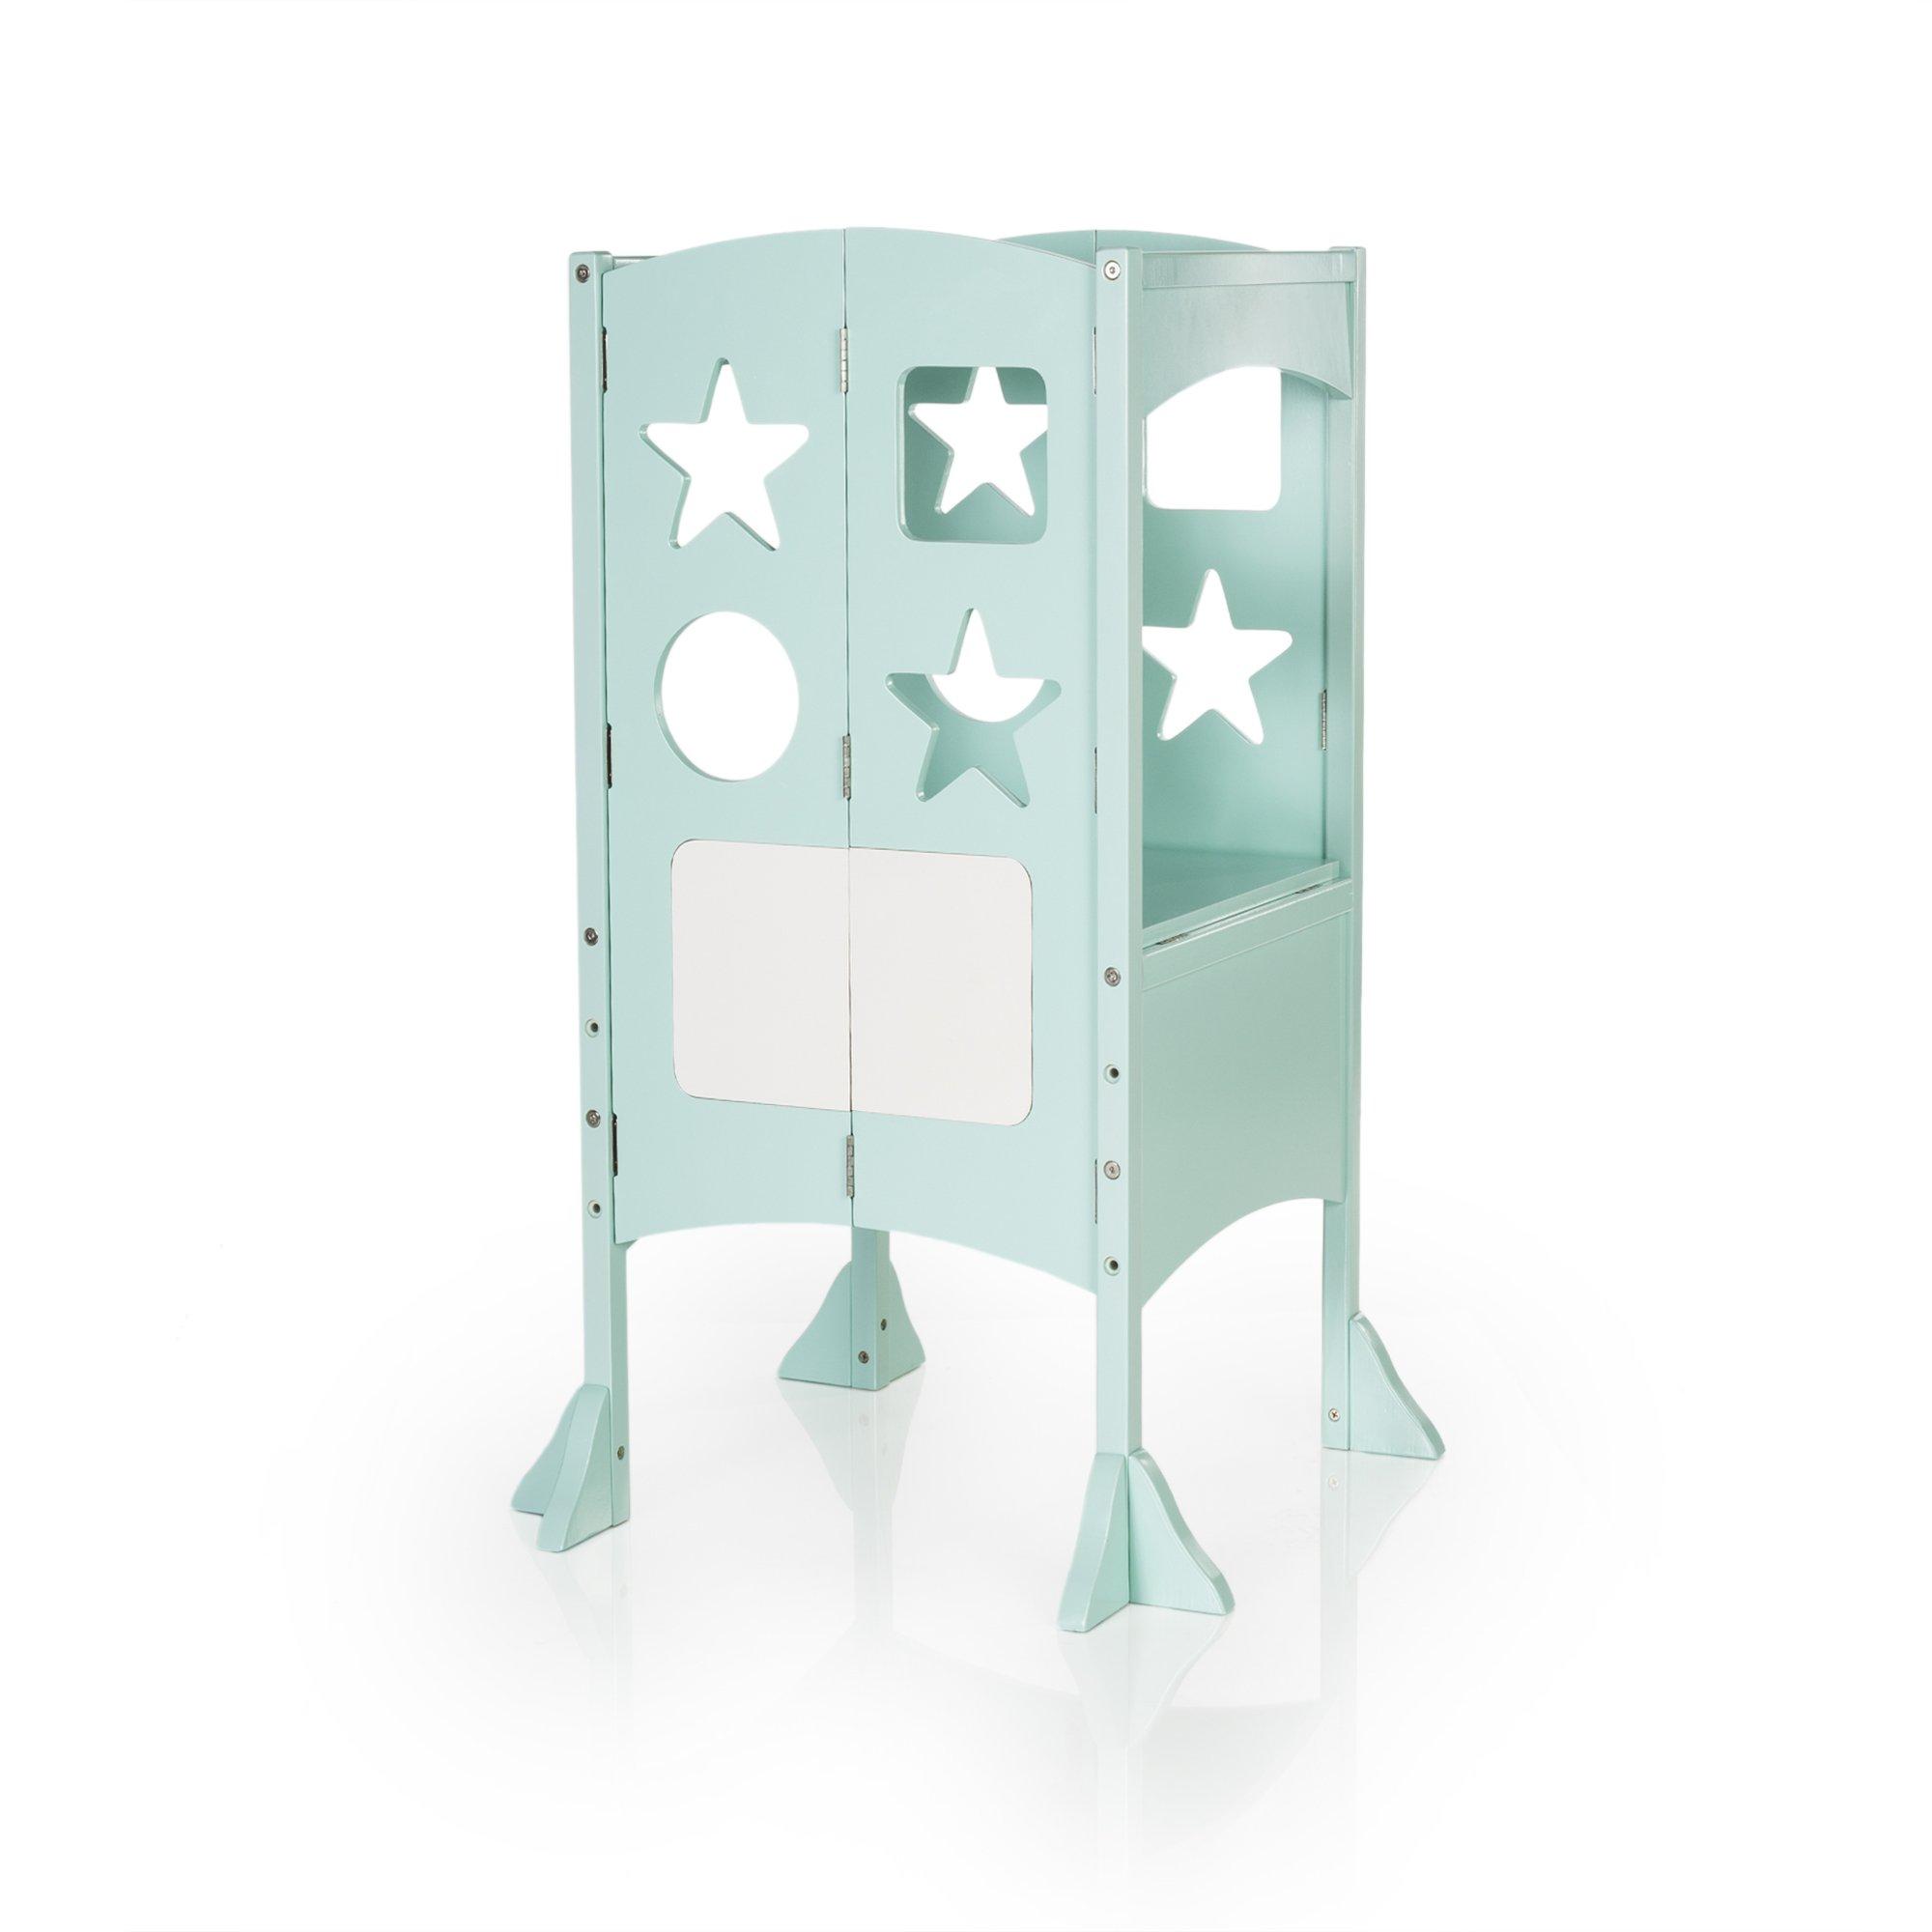 GuideCraft Kitchen Helper - Limited Edition Blue 716243973352 | eBay